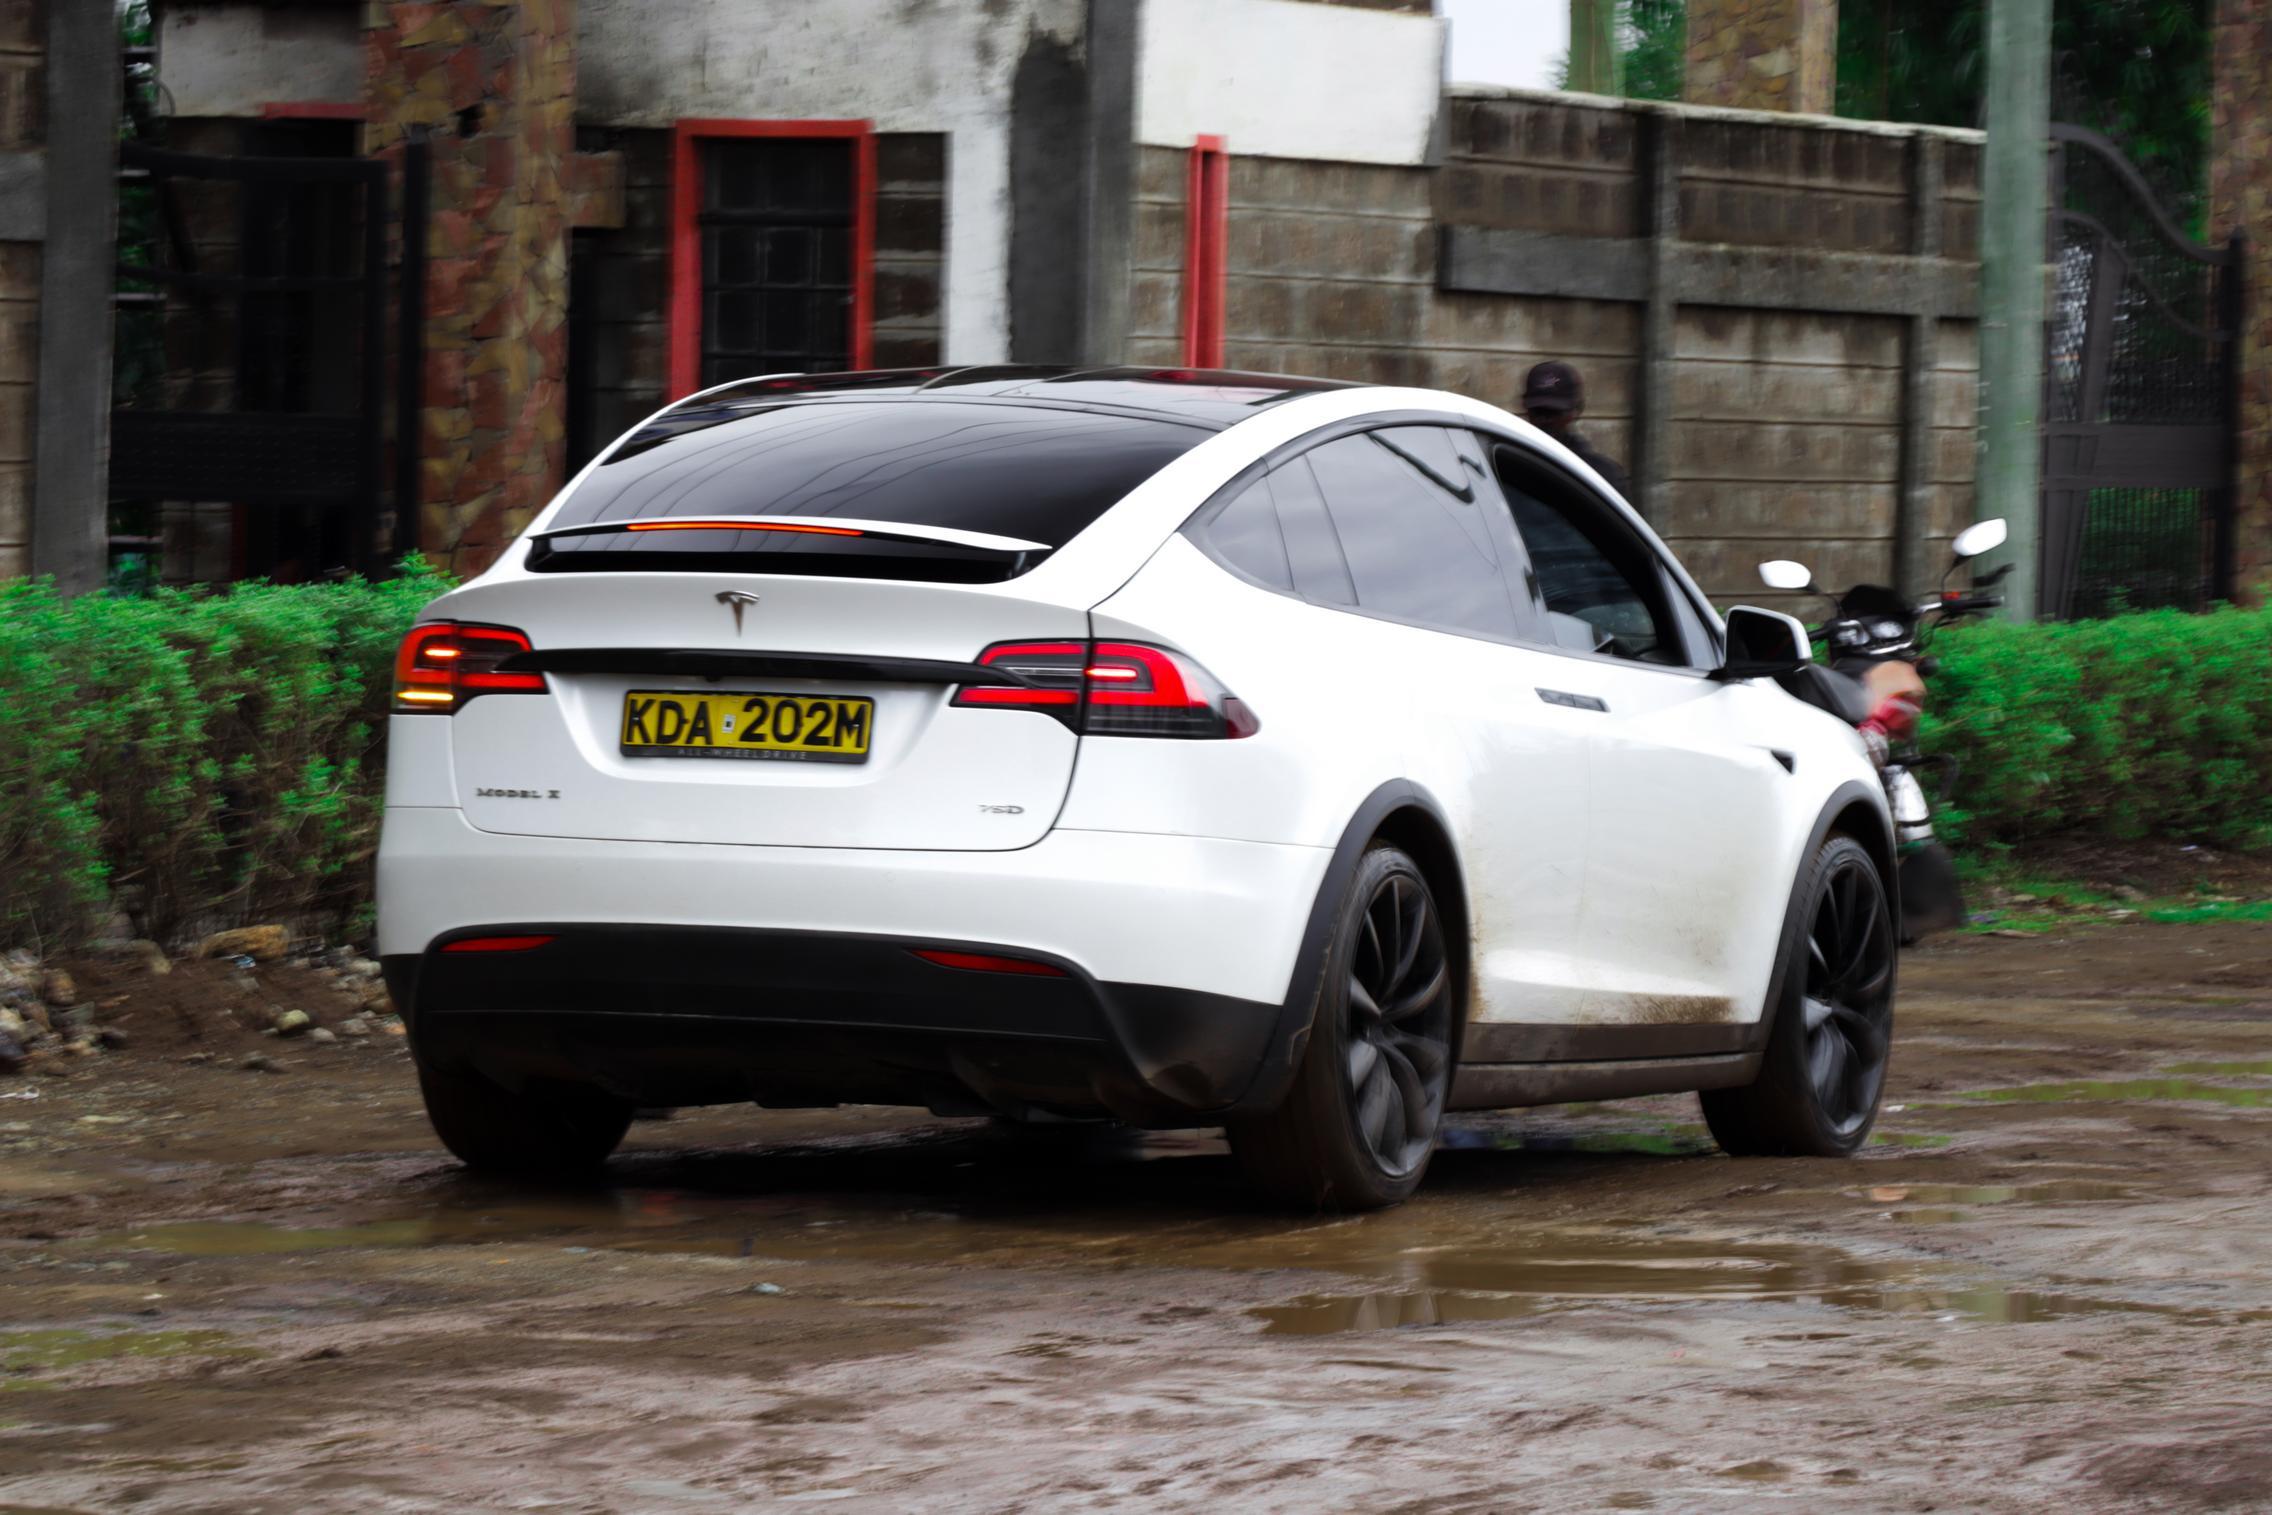 Telsa Model X rear view